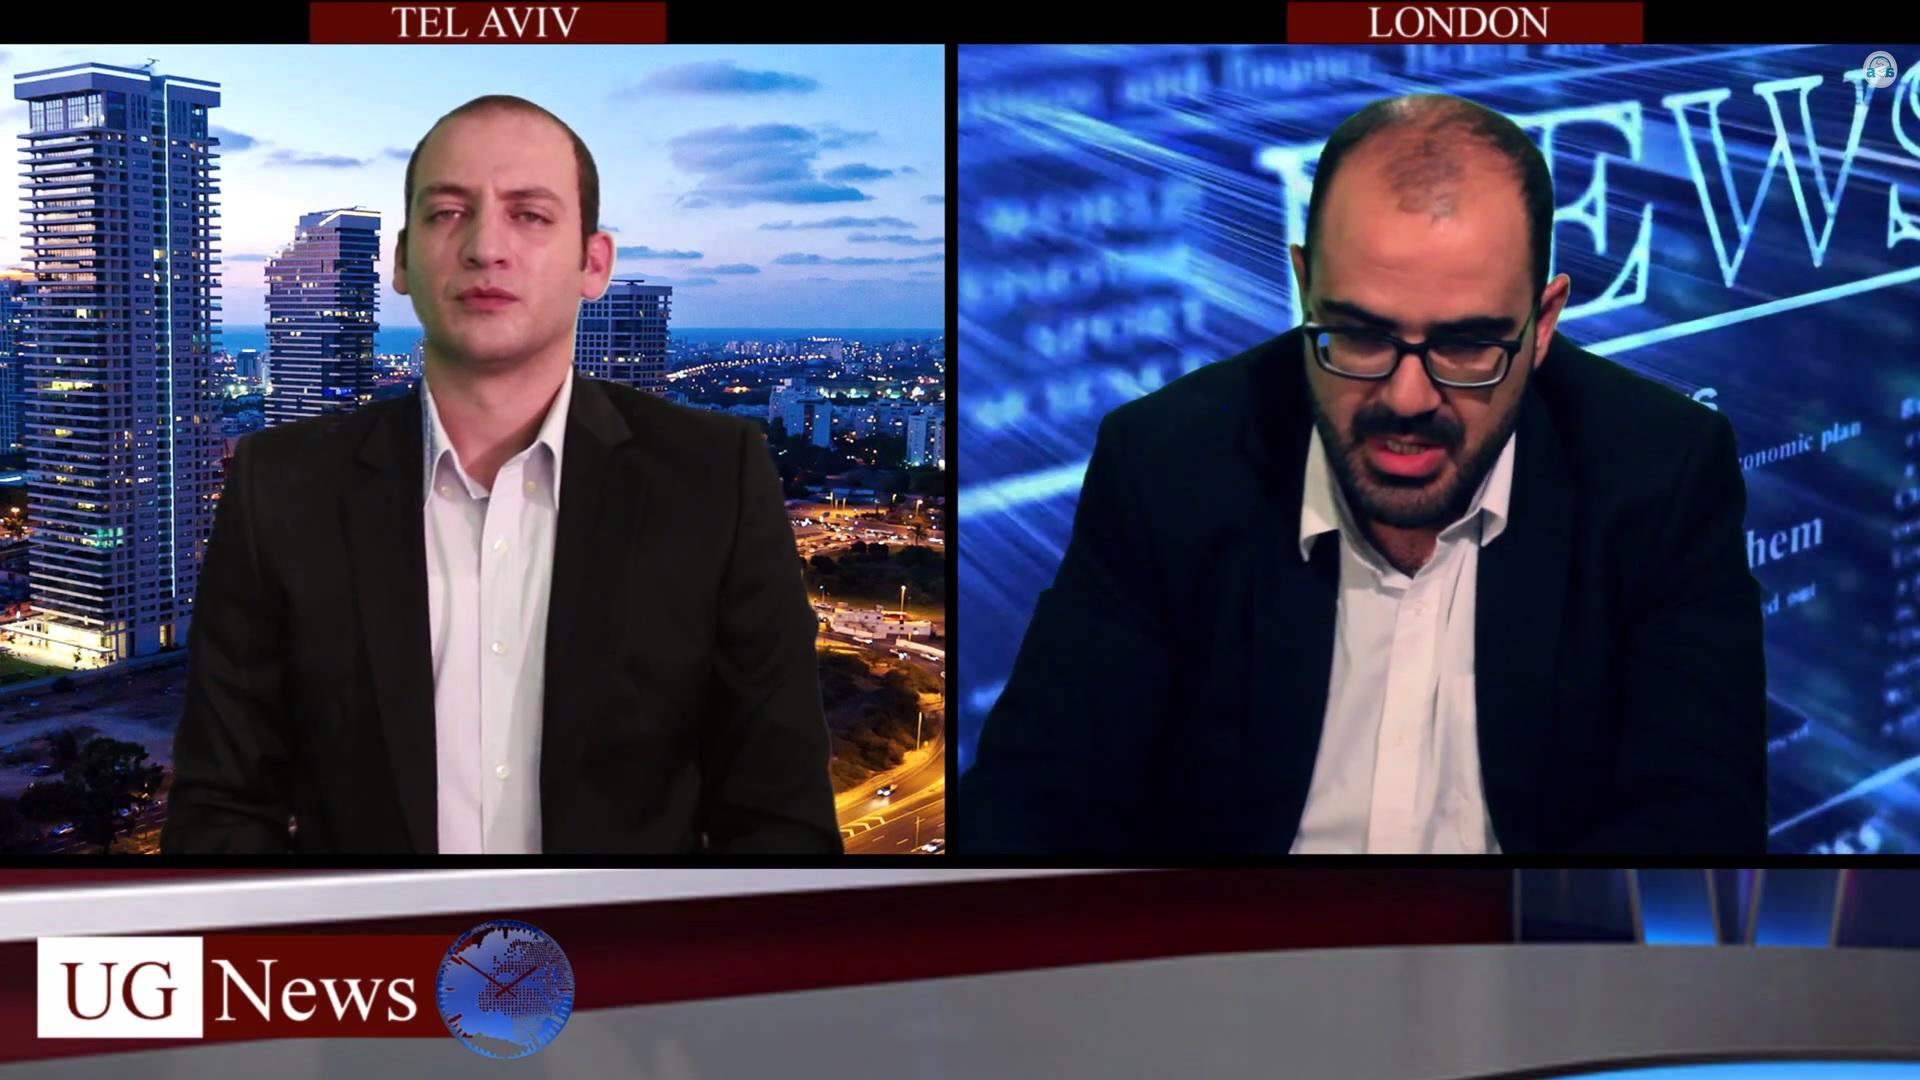 """فيديو ساخر """"إسرائيل تملك حق الدفاع عن نفسها"""""""